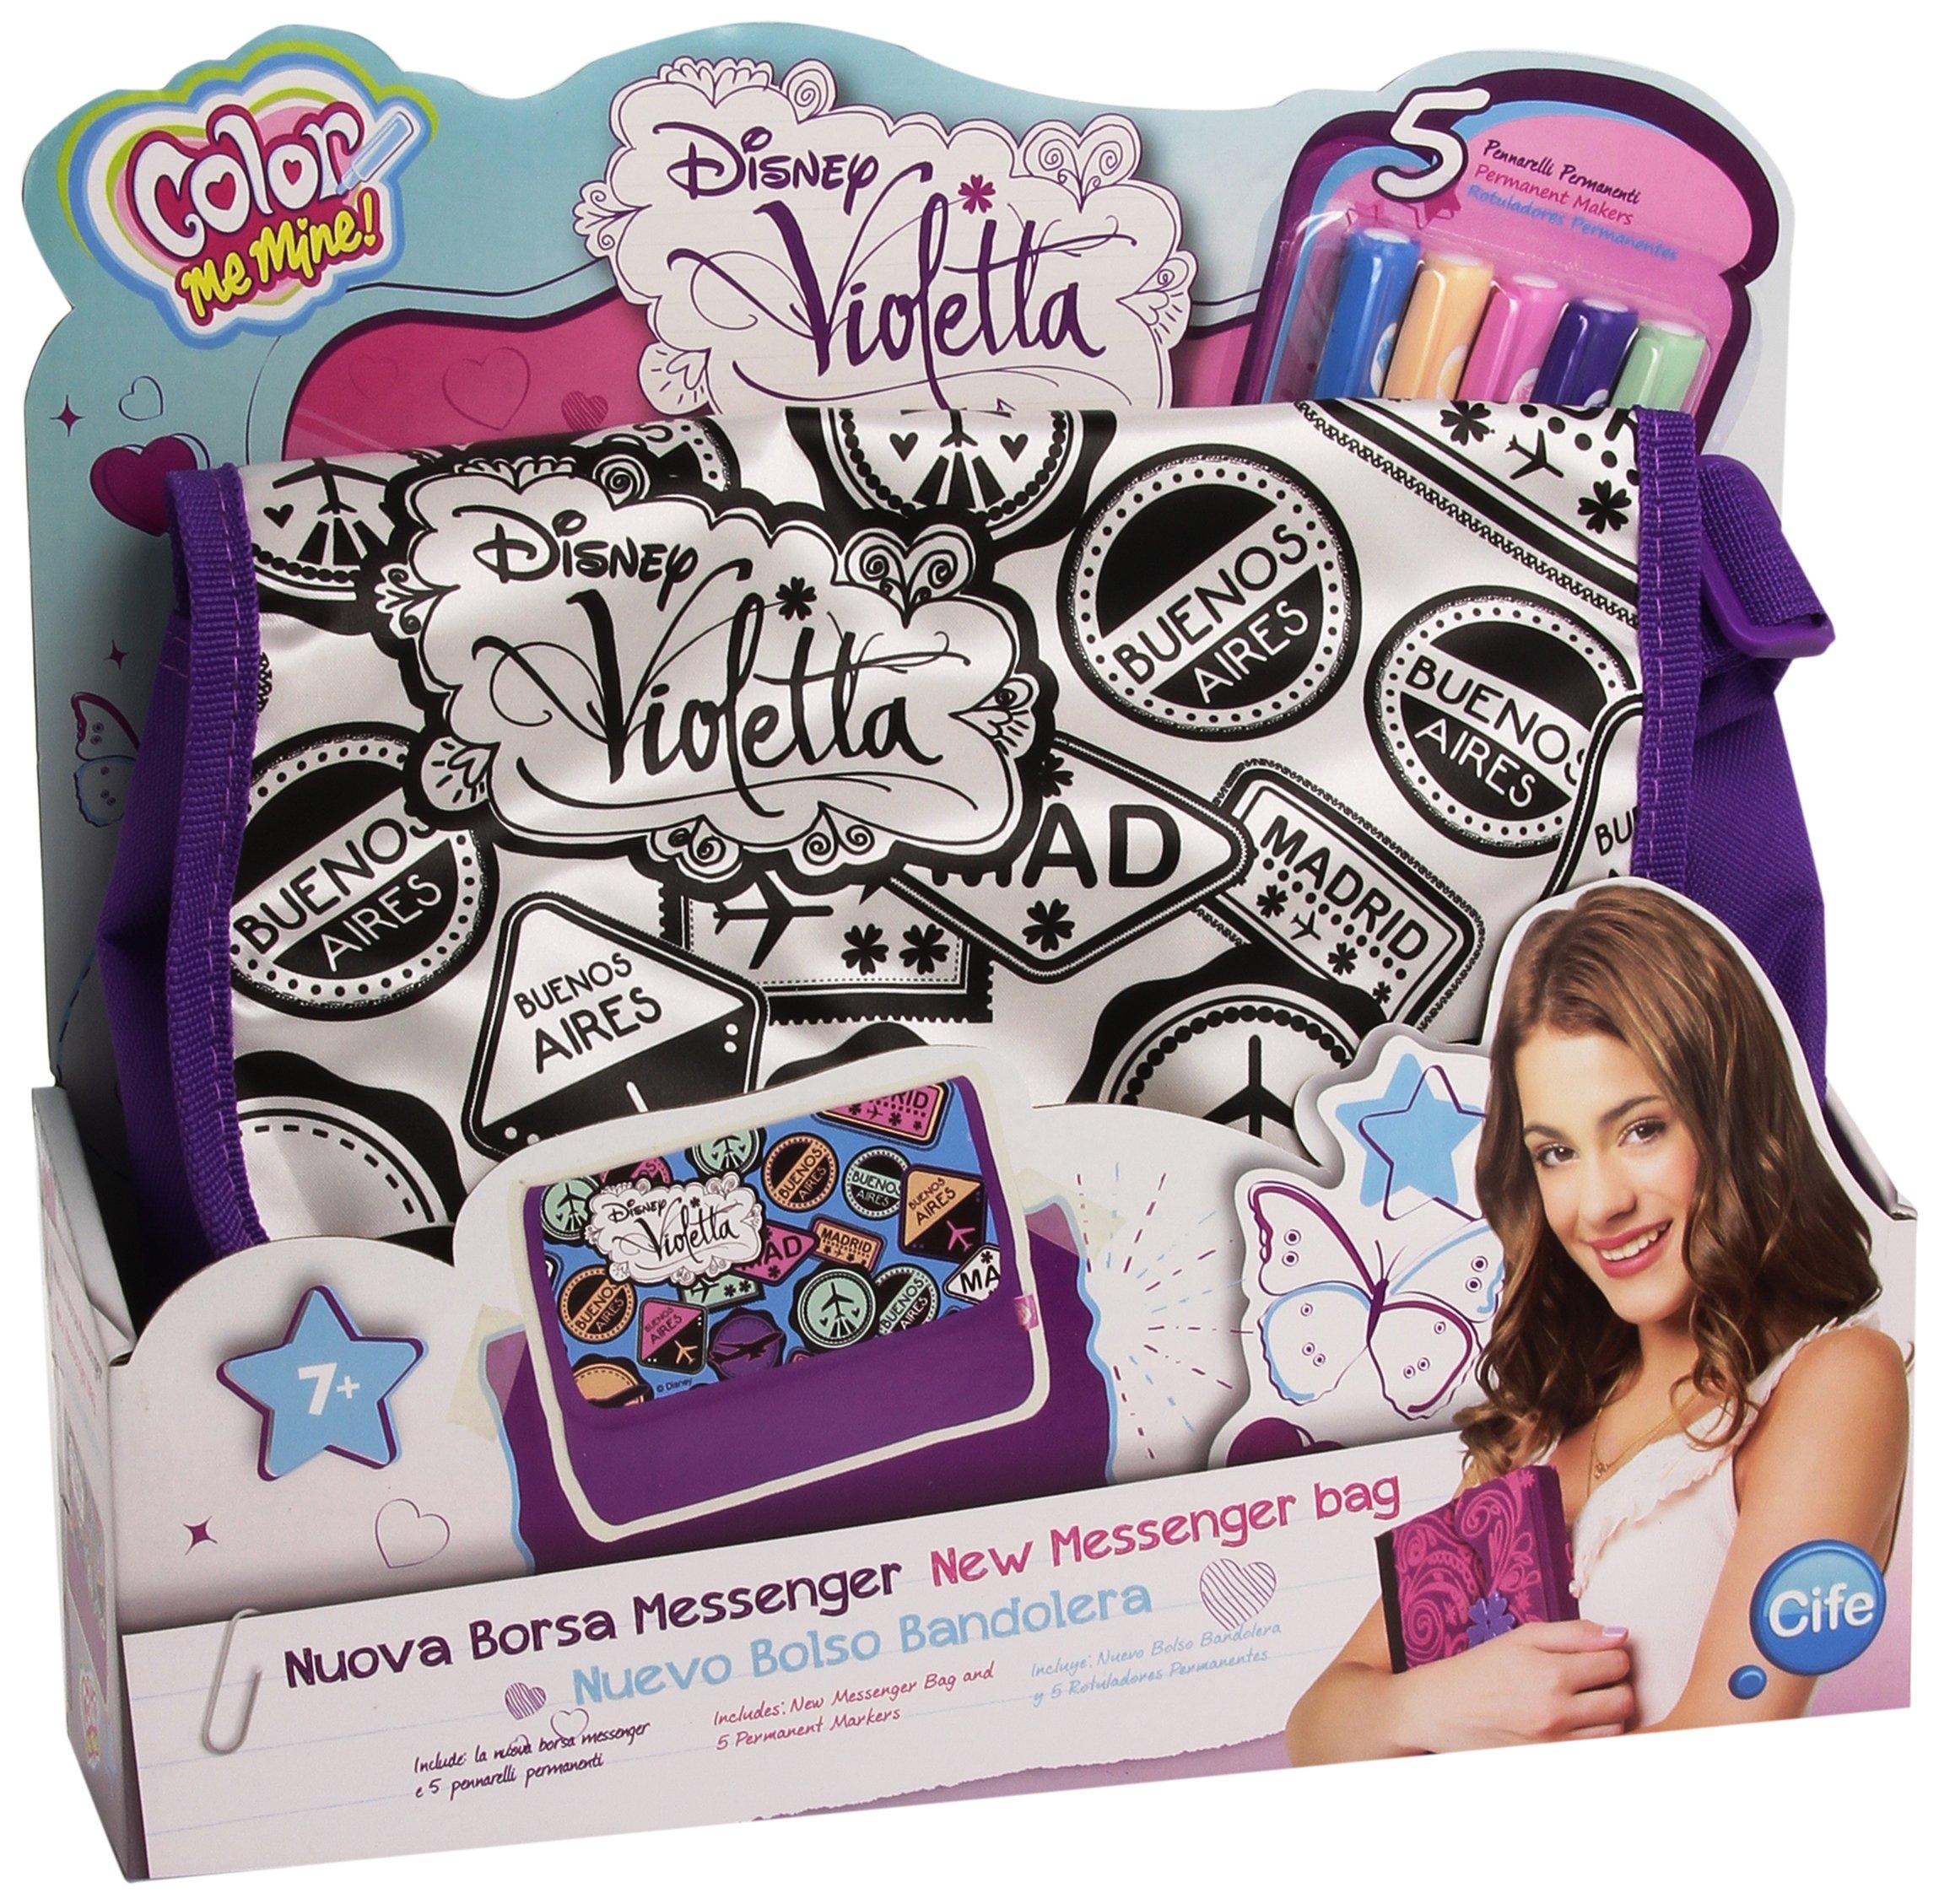 Color Me Mine – Bolso Bandolera con diseño Violetta (Cife 86080)